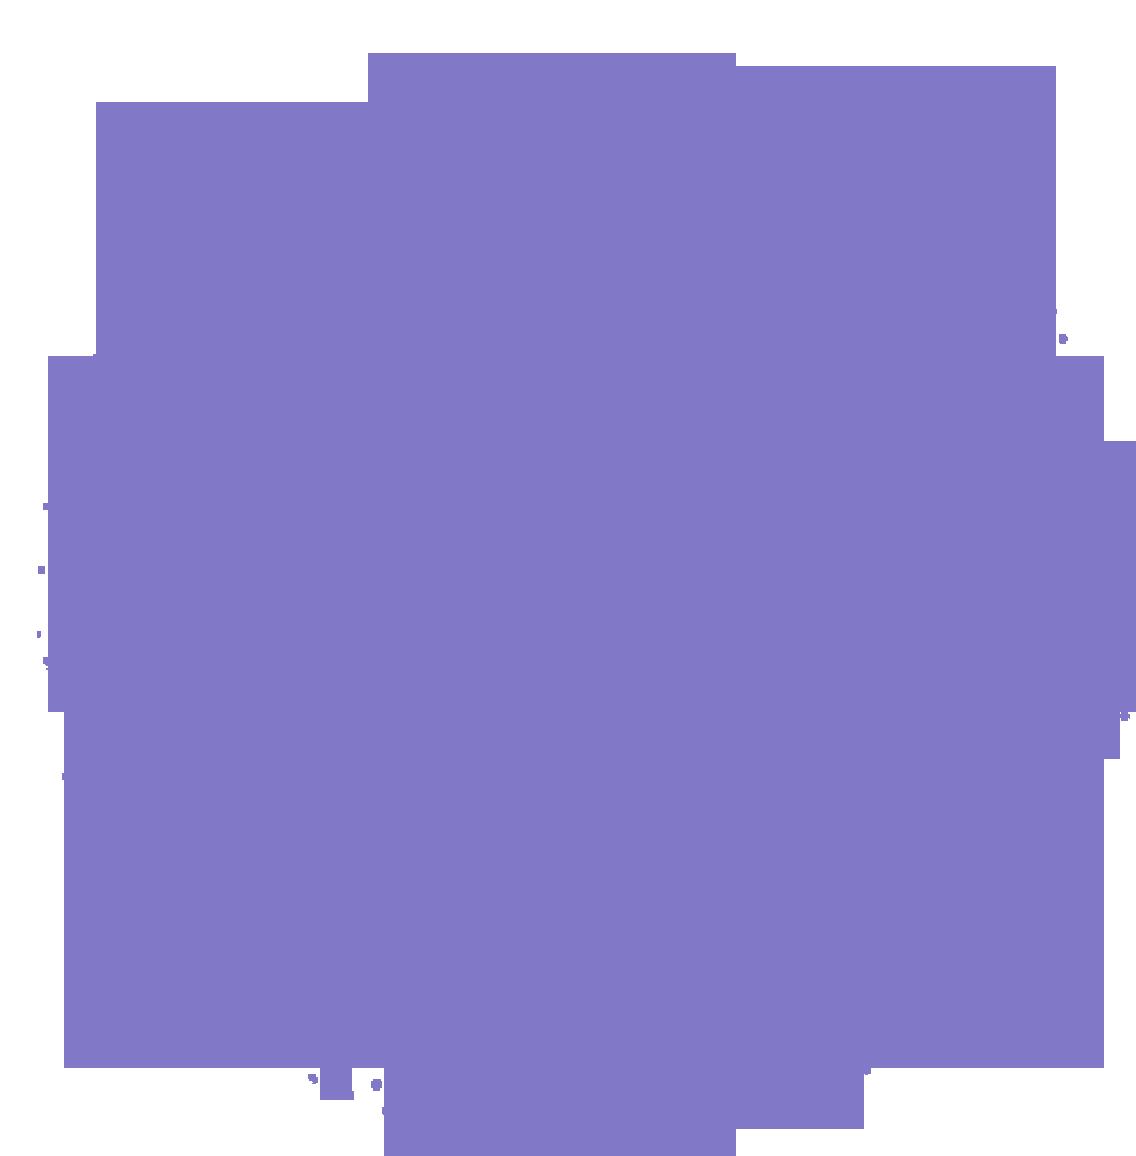 C材质(背景)贴图 C材质(背景)贴图 in 2019 Polka dot background